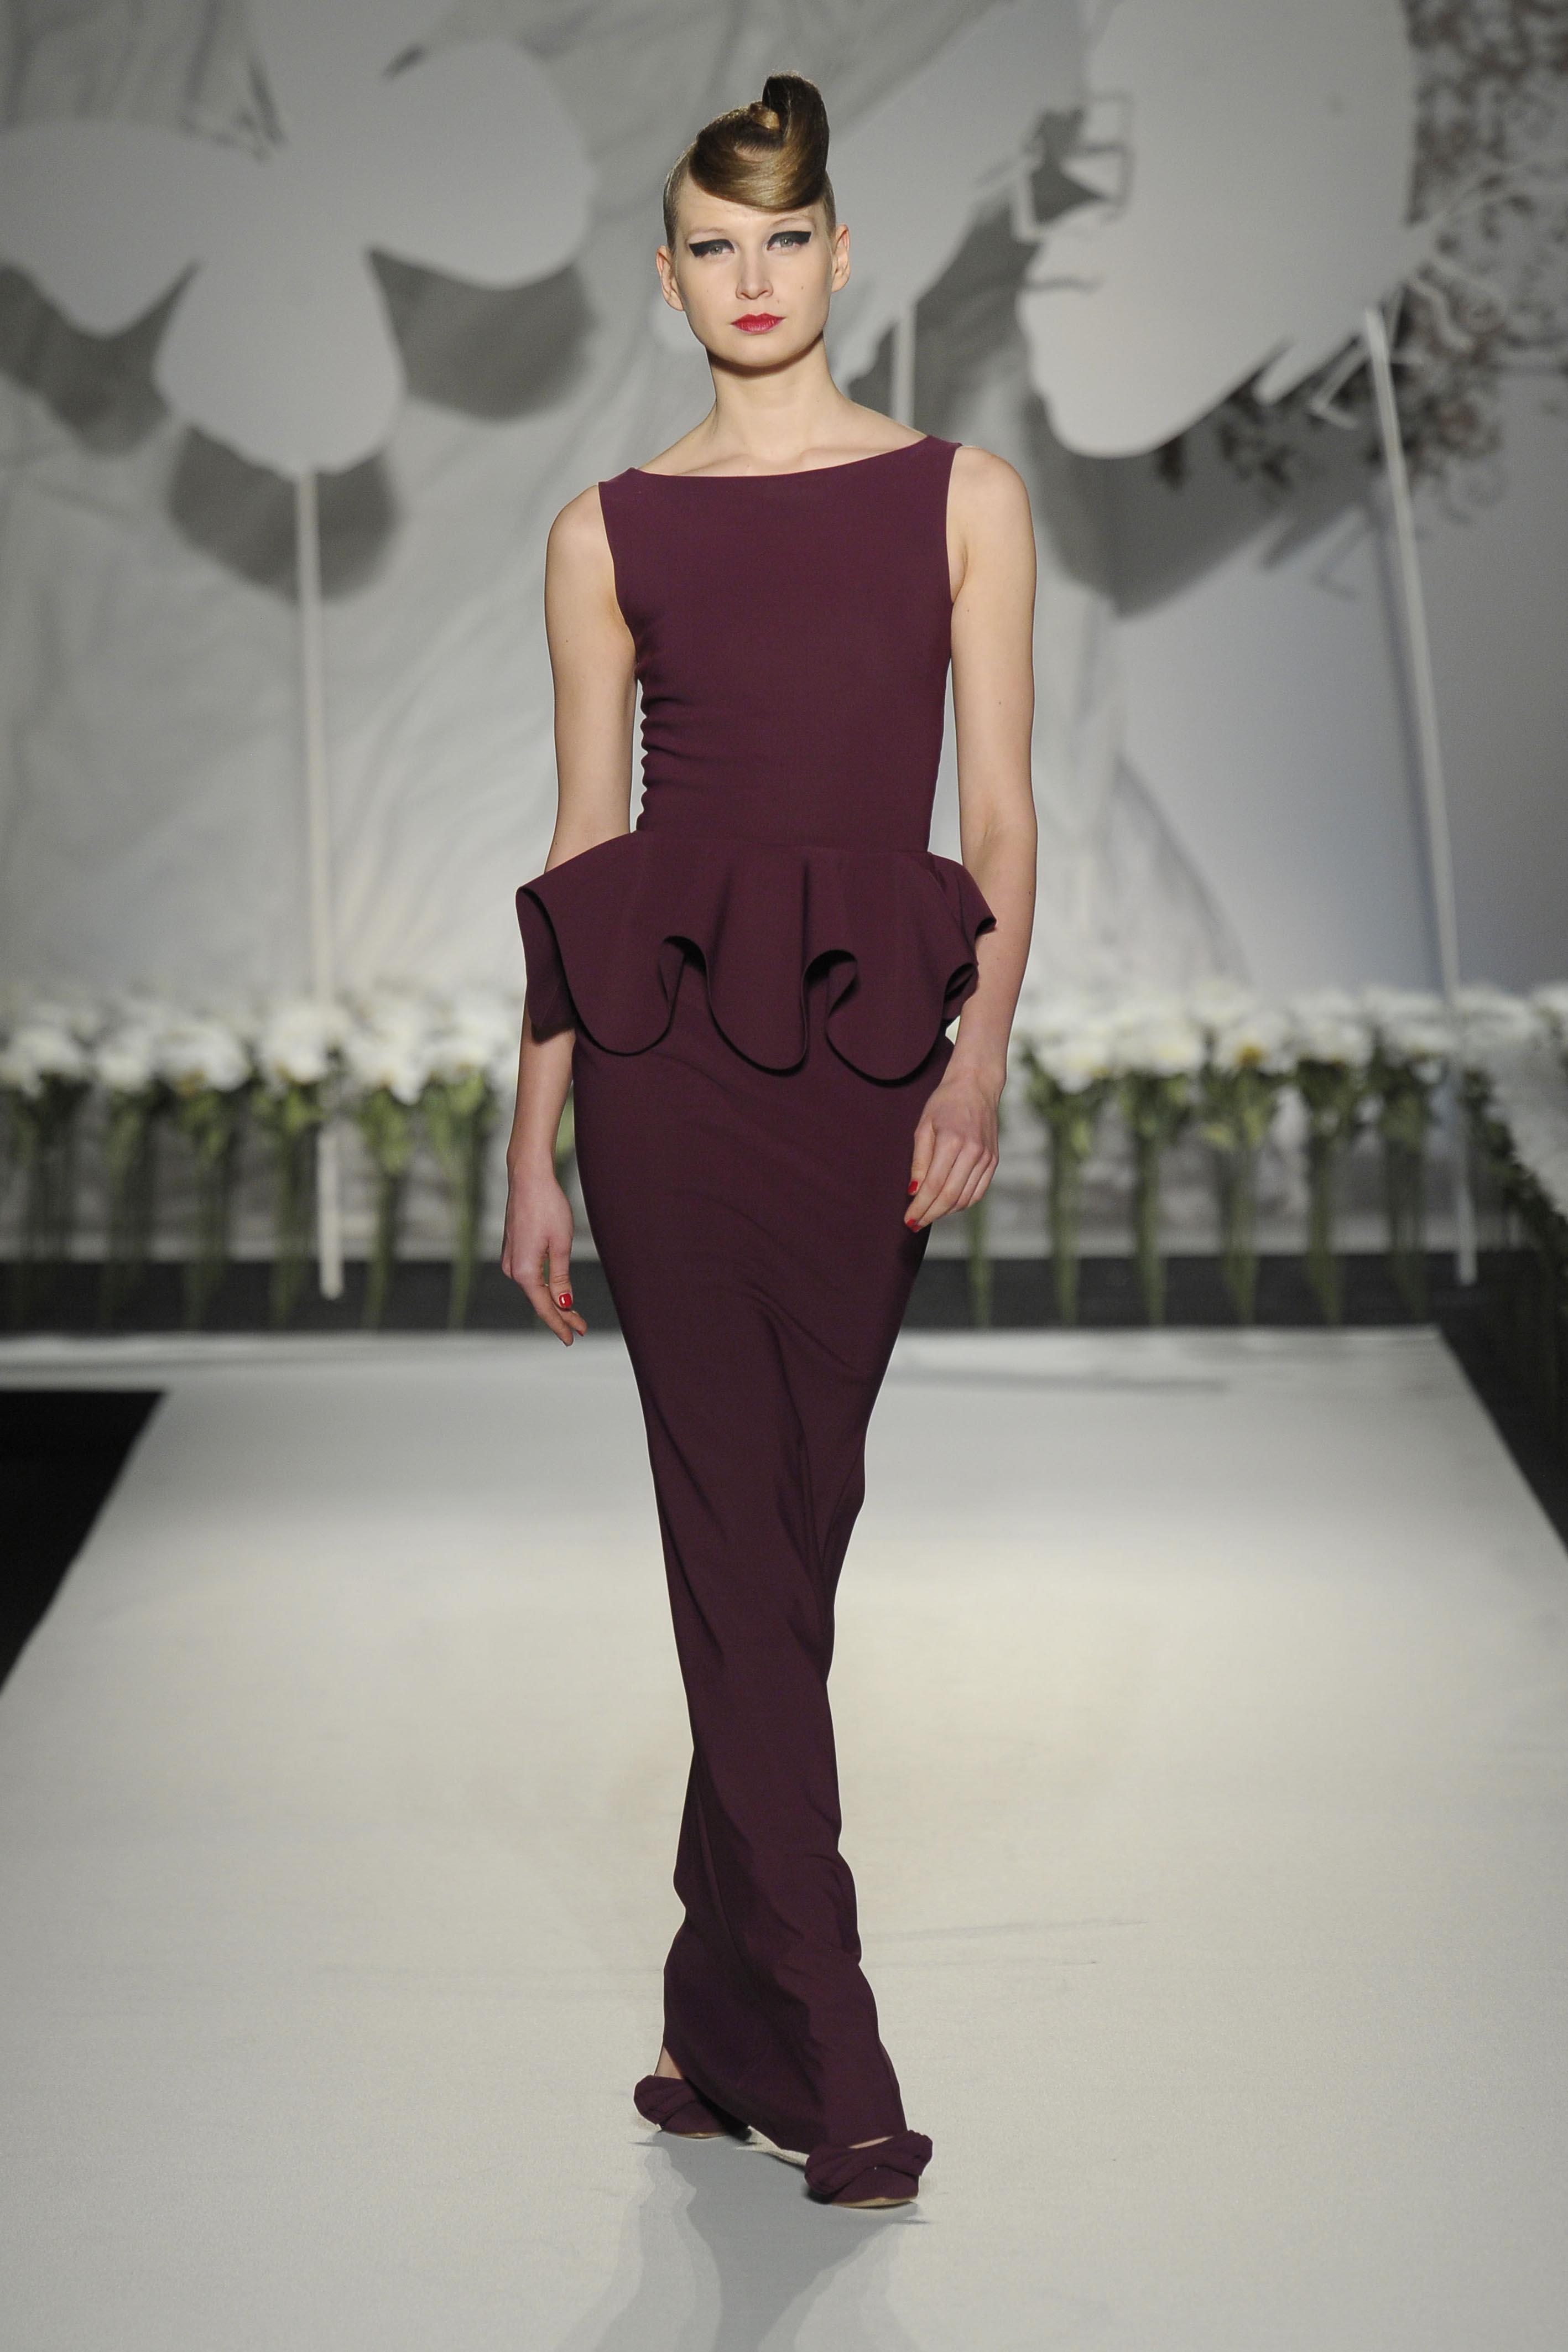 La Petite Robe di Chiara Boni - 009 - Mamme coi tacchi a spillo 412343783ea2